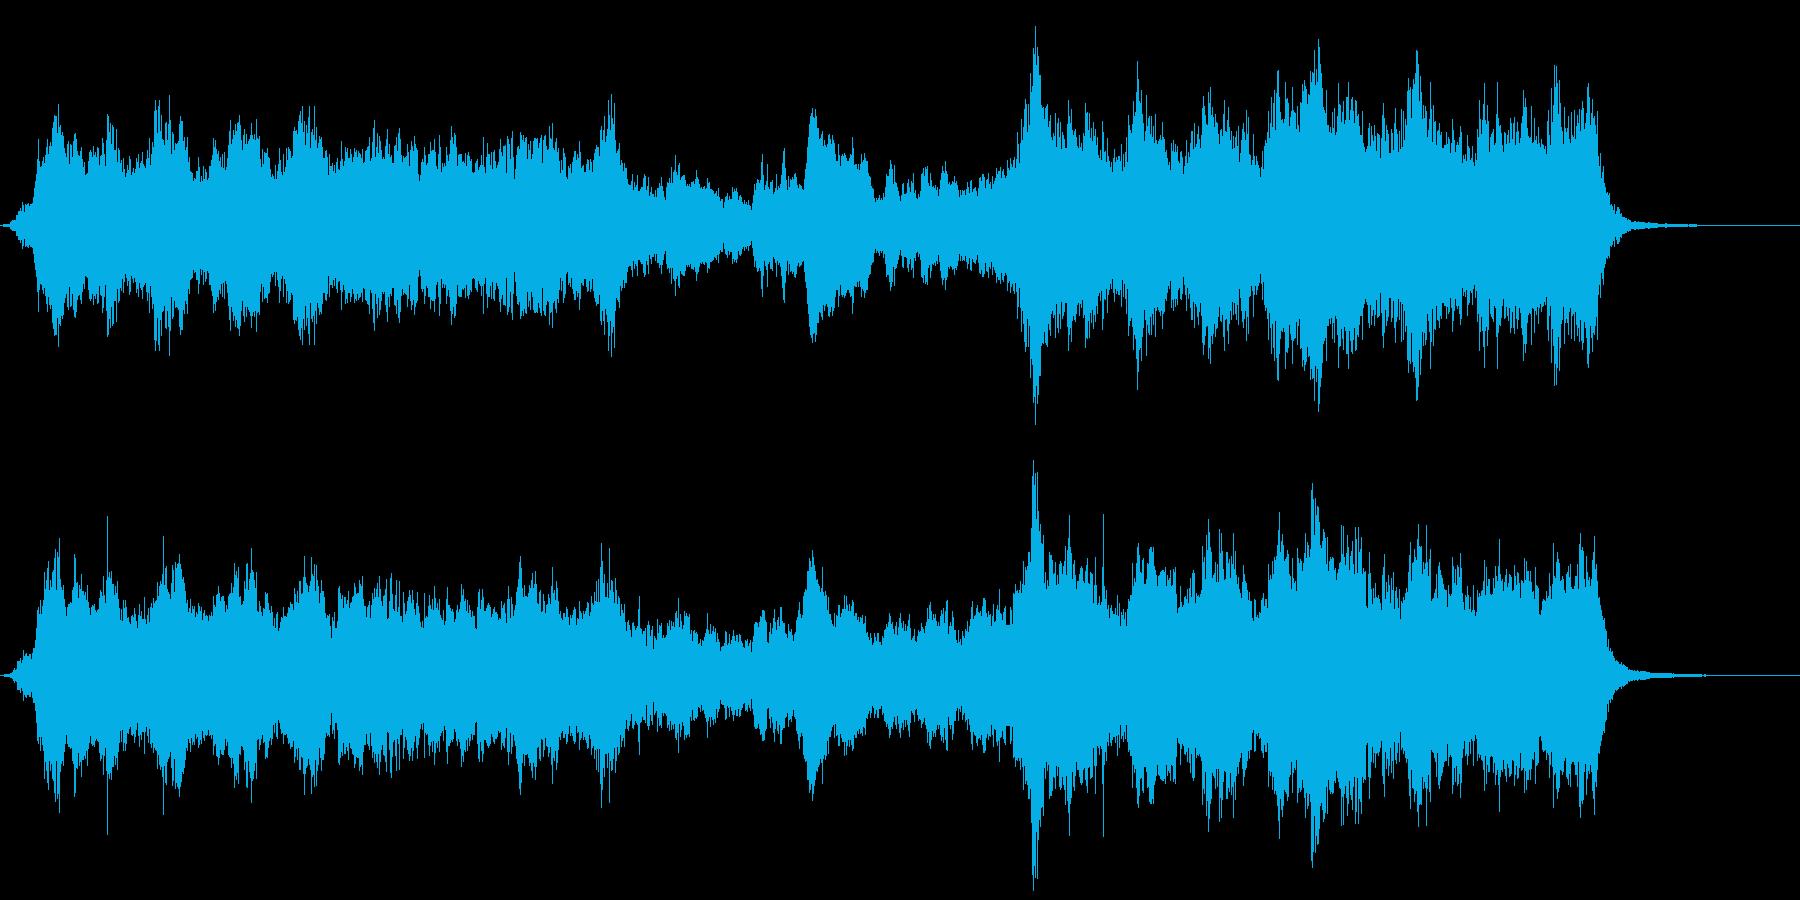 ドラマチックで幻想的なオーケストラ曲の再生済みの波形